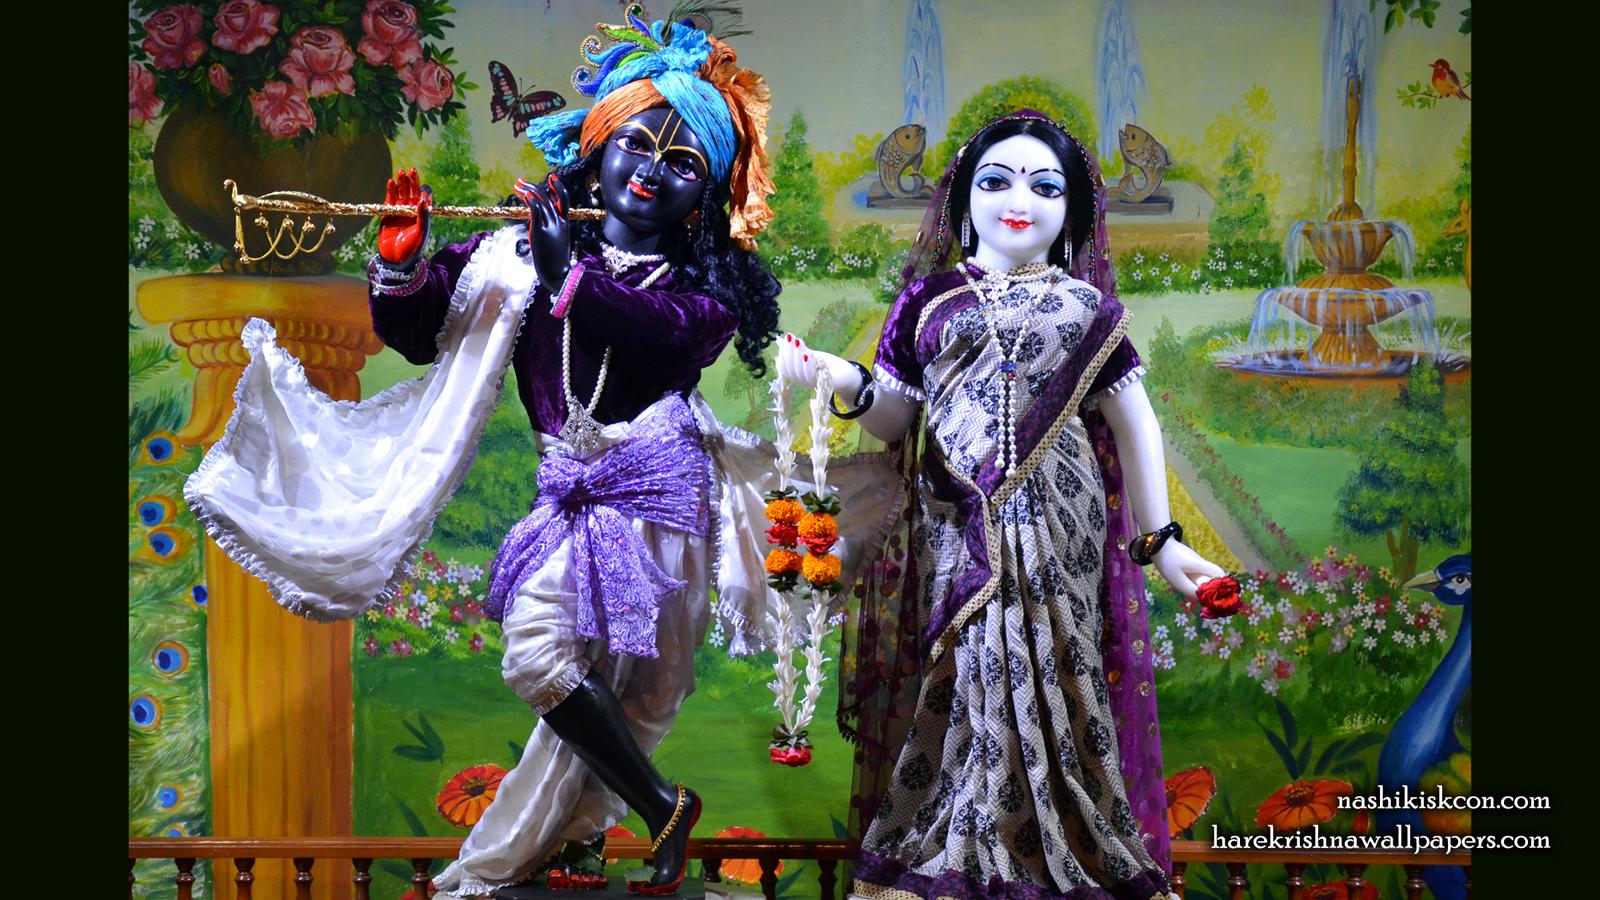 Sri Sri Radha Madan Gopal Wallpaper (014) Size 1600x900 Download